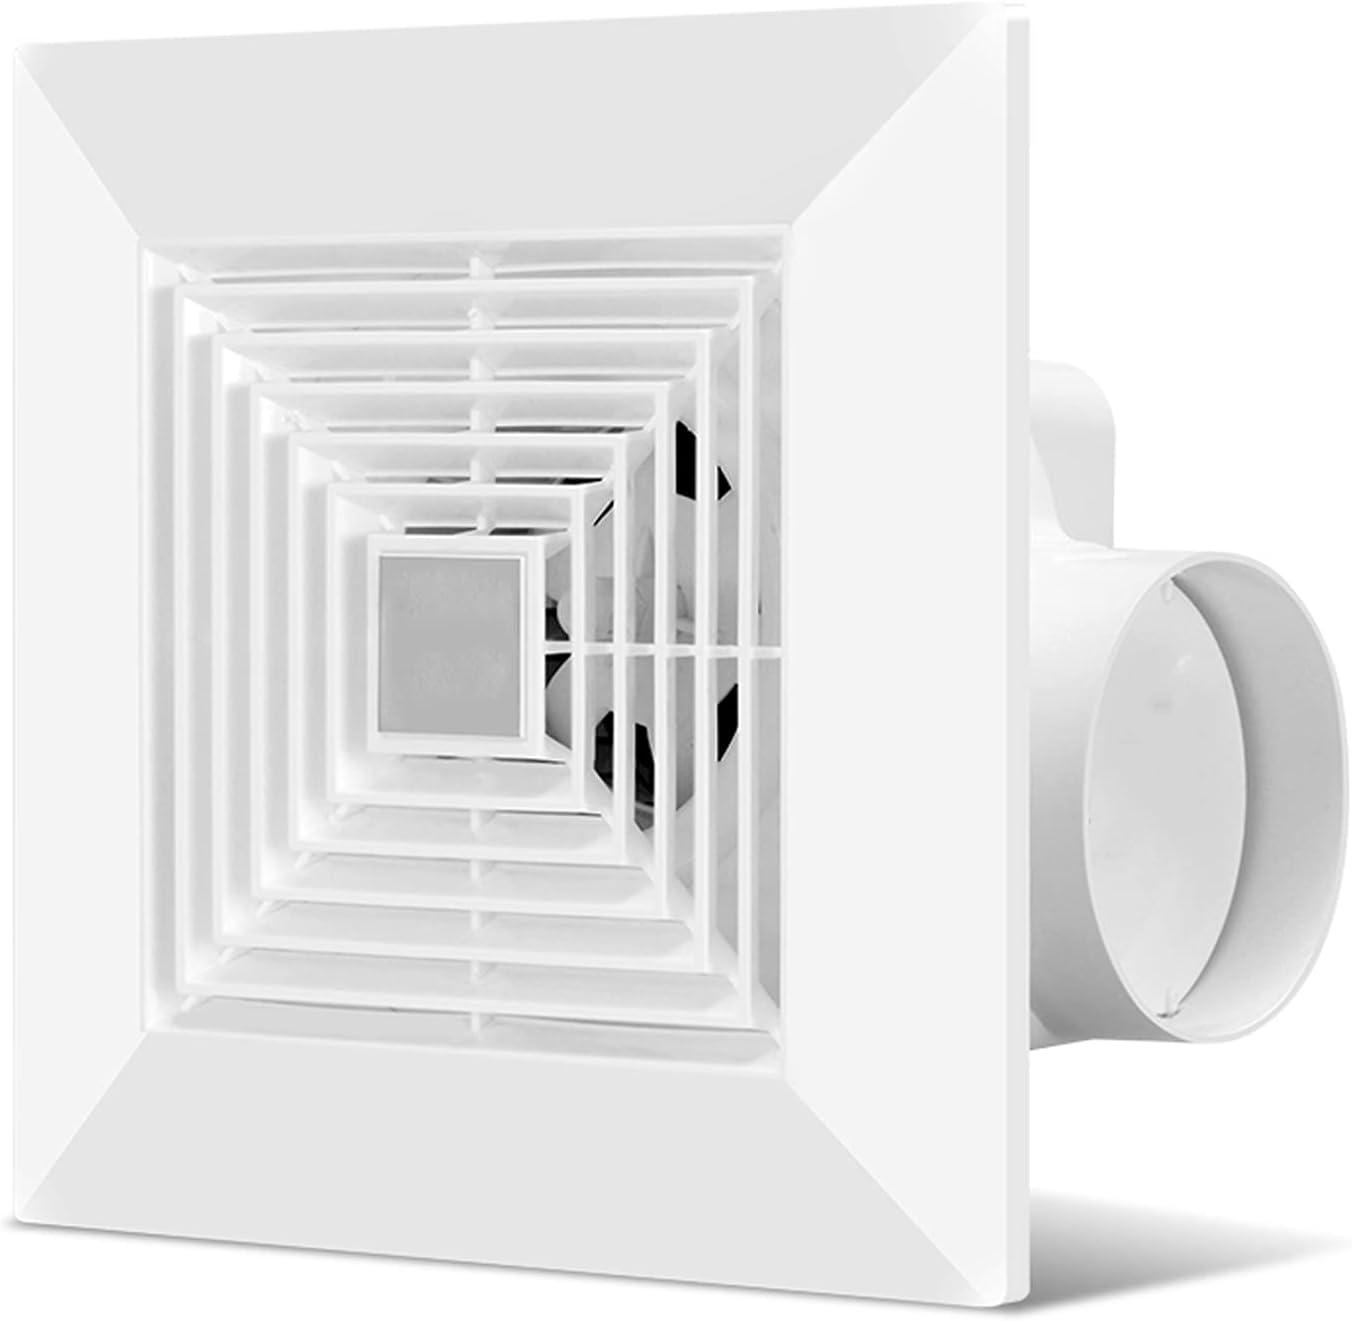 Ventilador extractor Ventilador de ventilación del baño Ventilador de escape de la cocina de 10 pulgadas, ventilador de escape potente con válvula de retención y panel de cuadrícula, 4 0W, 118CFM Ext